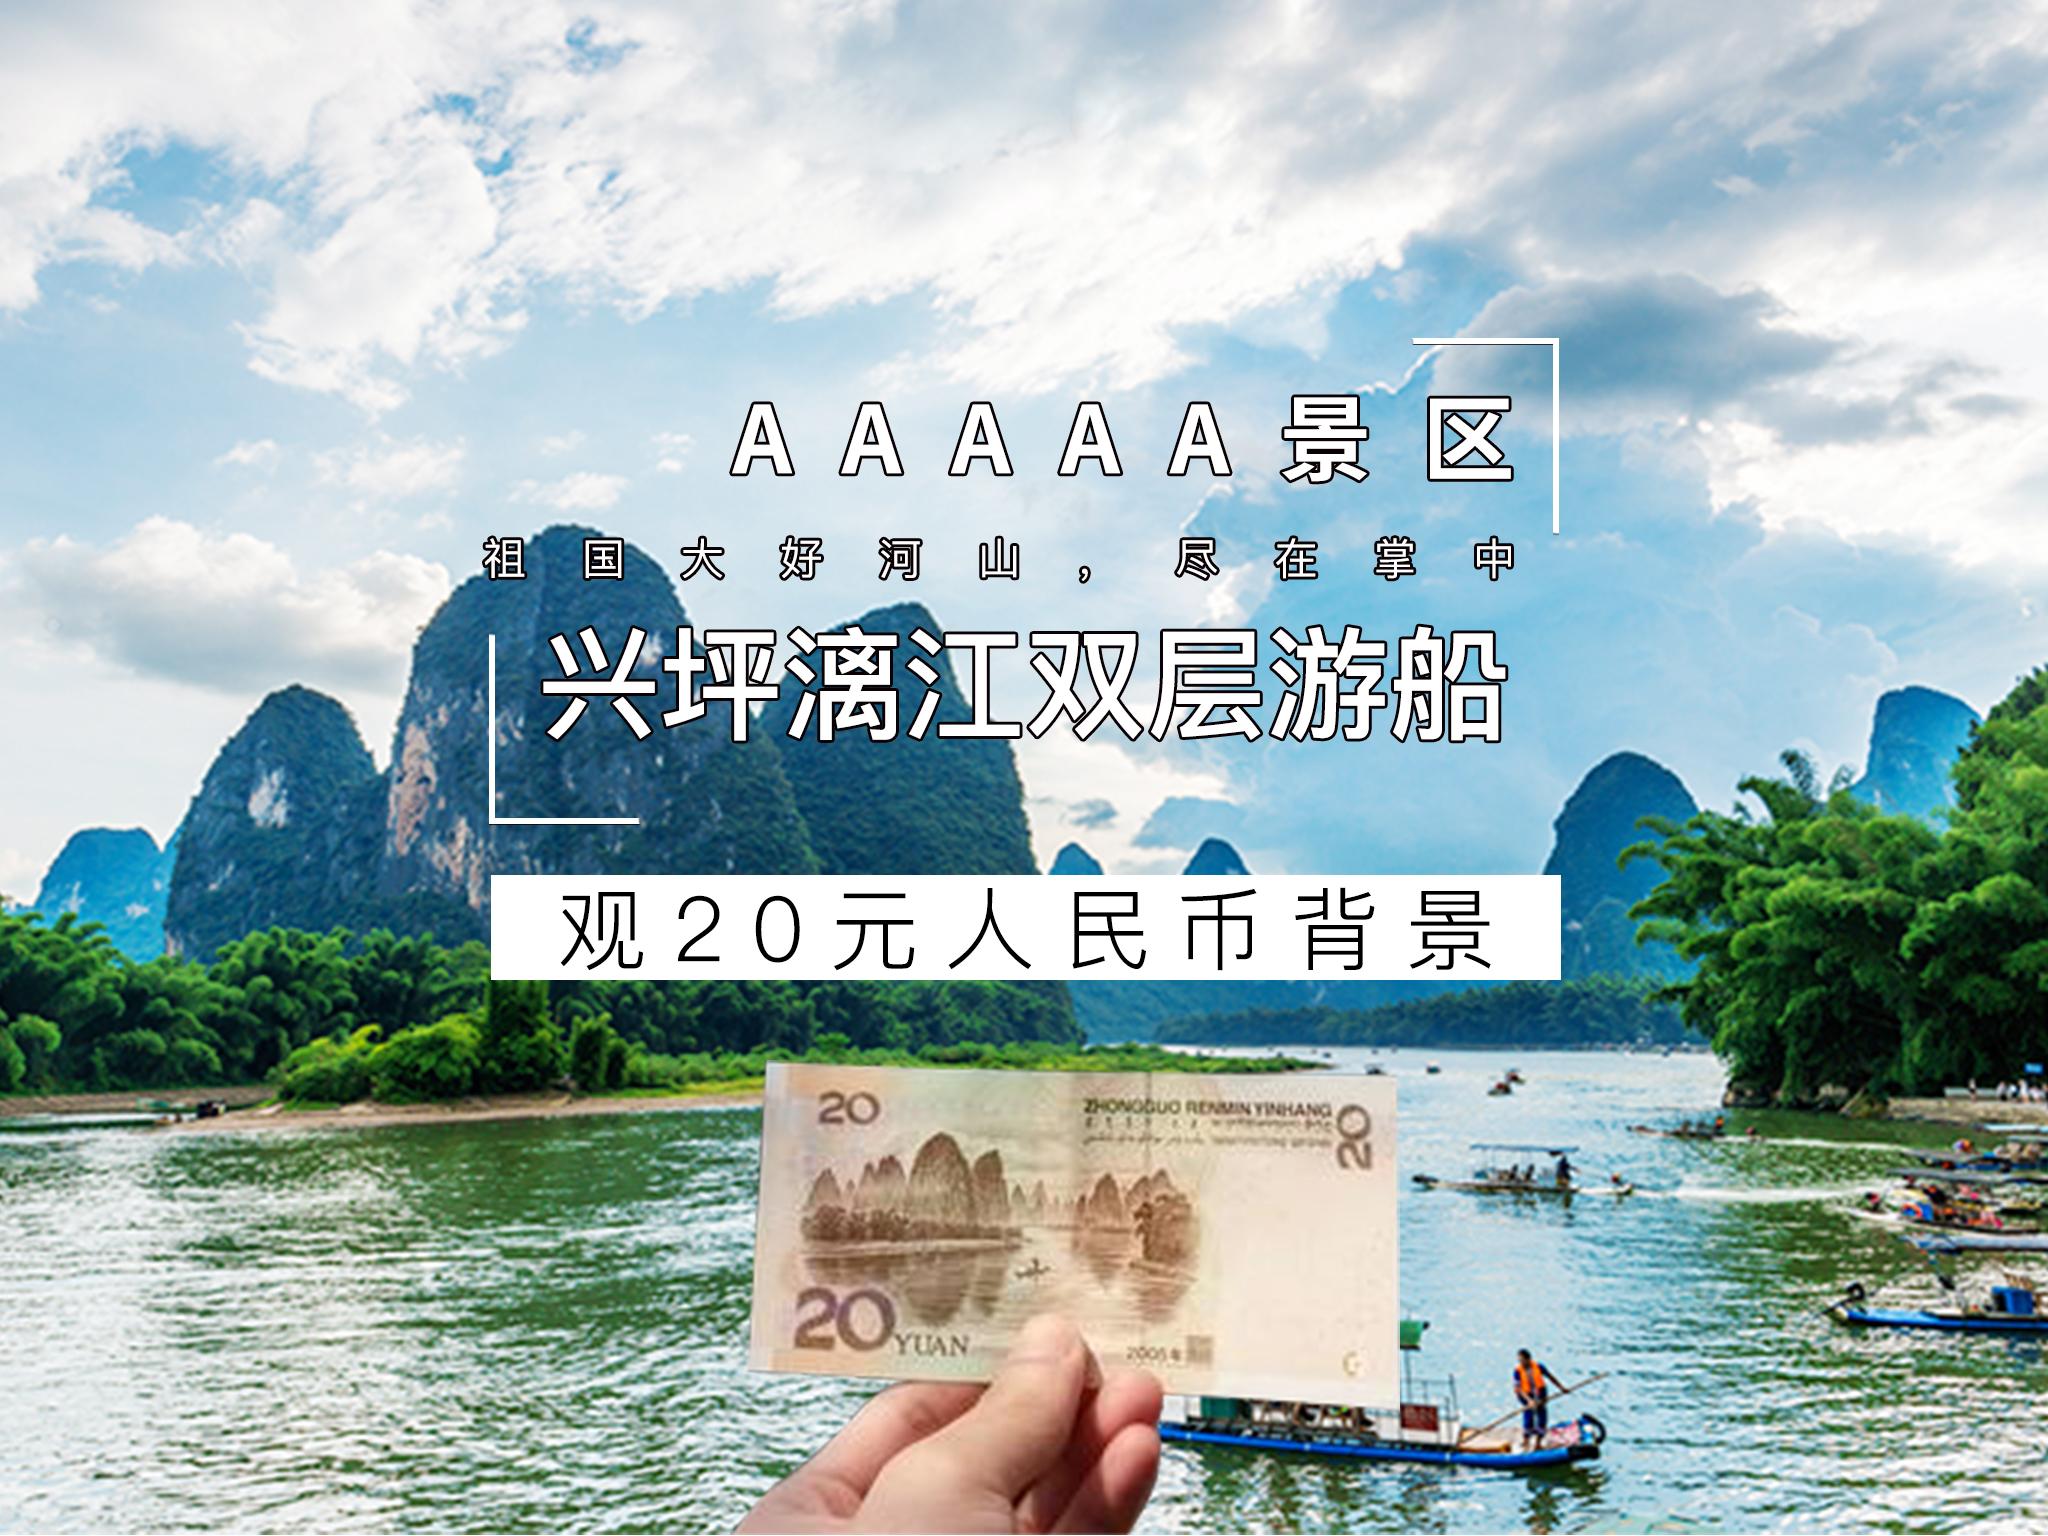 【赠礼】桂林、阳朔、漓江高铁4日3晚跟团游